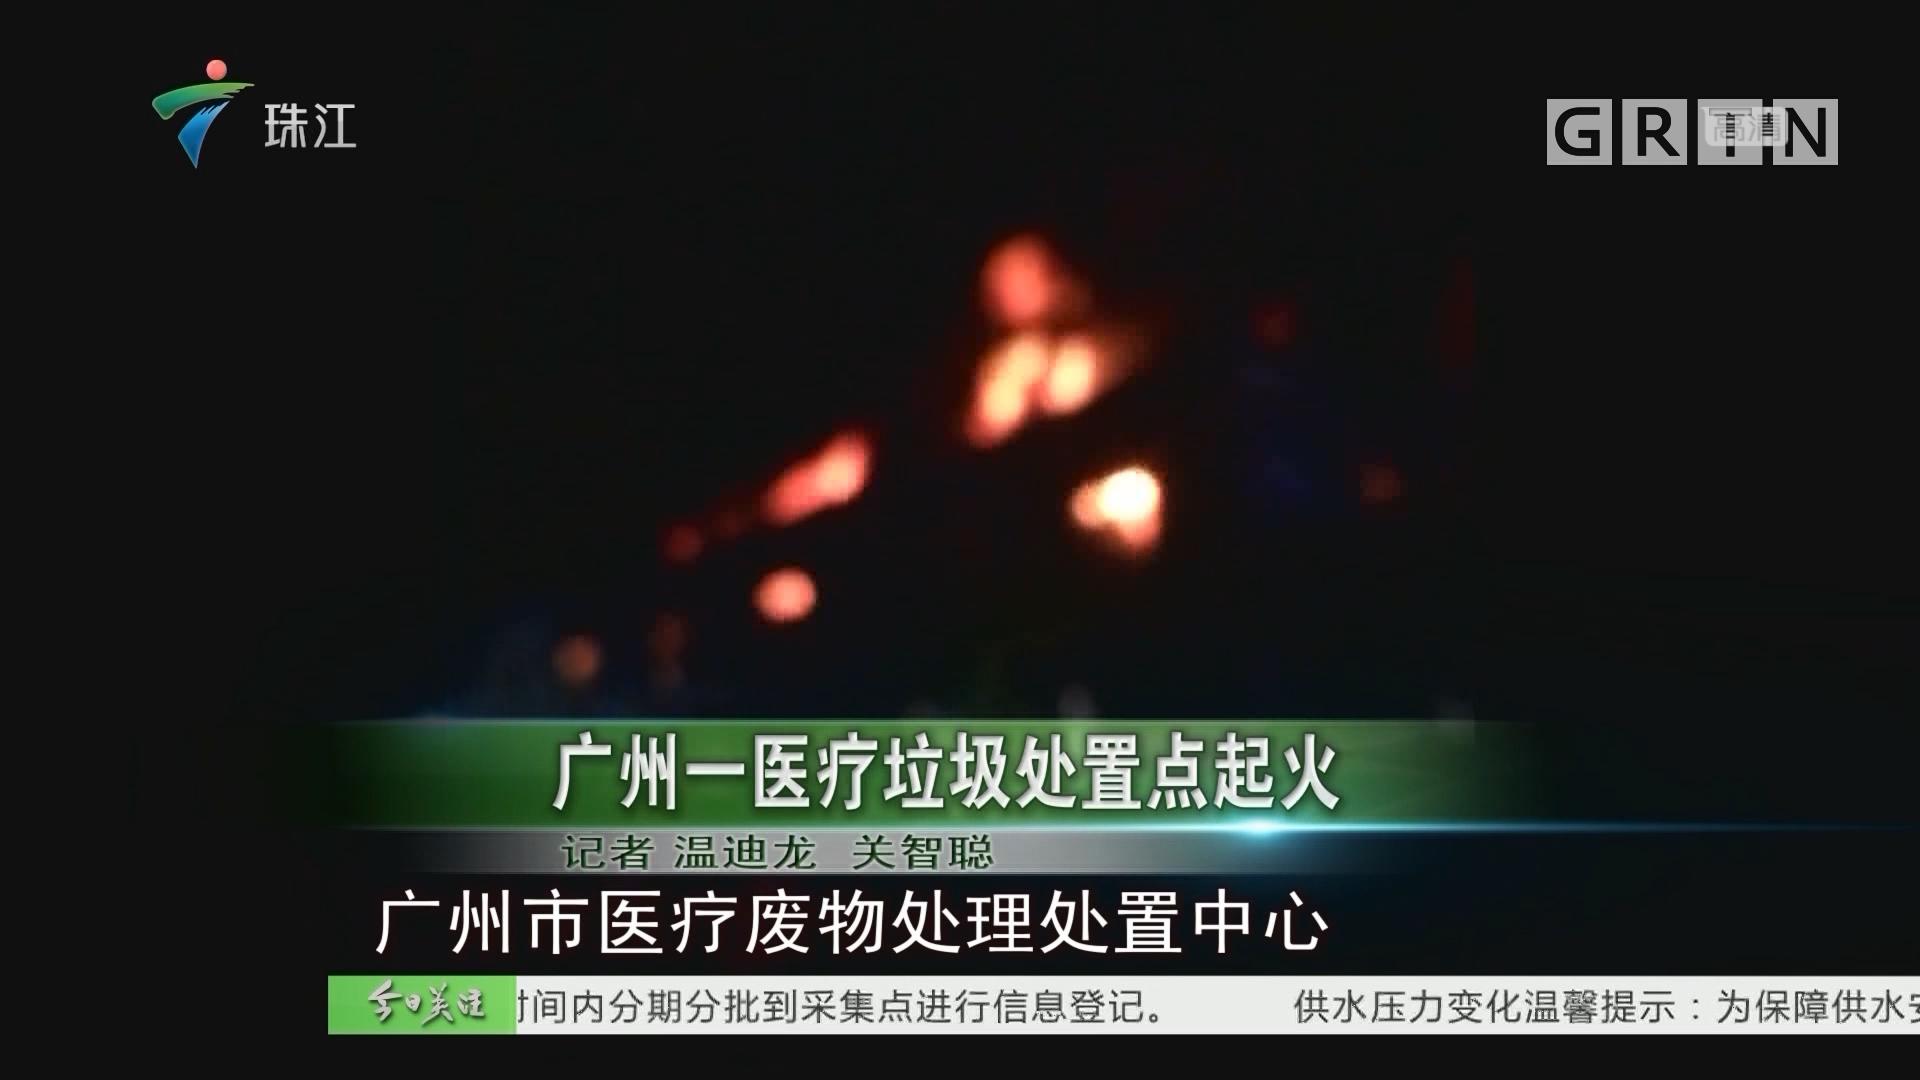 广州一医疗垃圾处置点起火